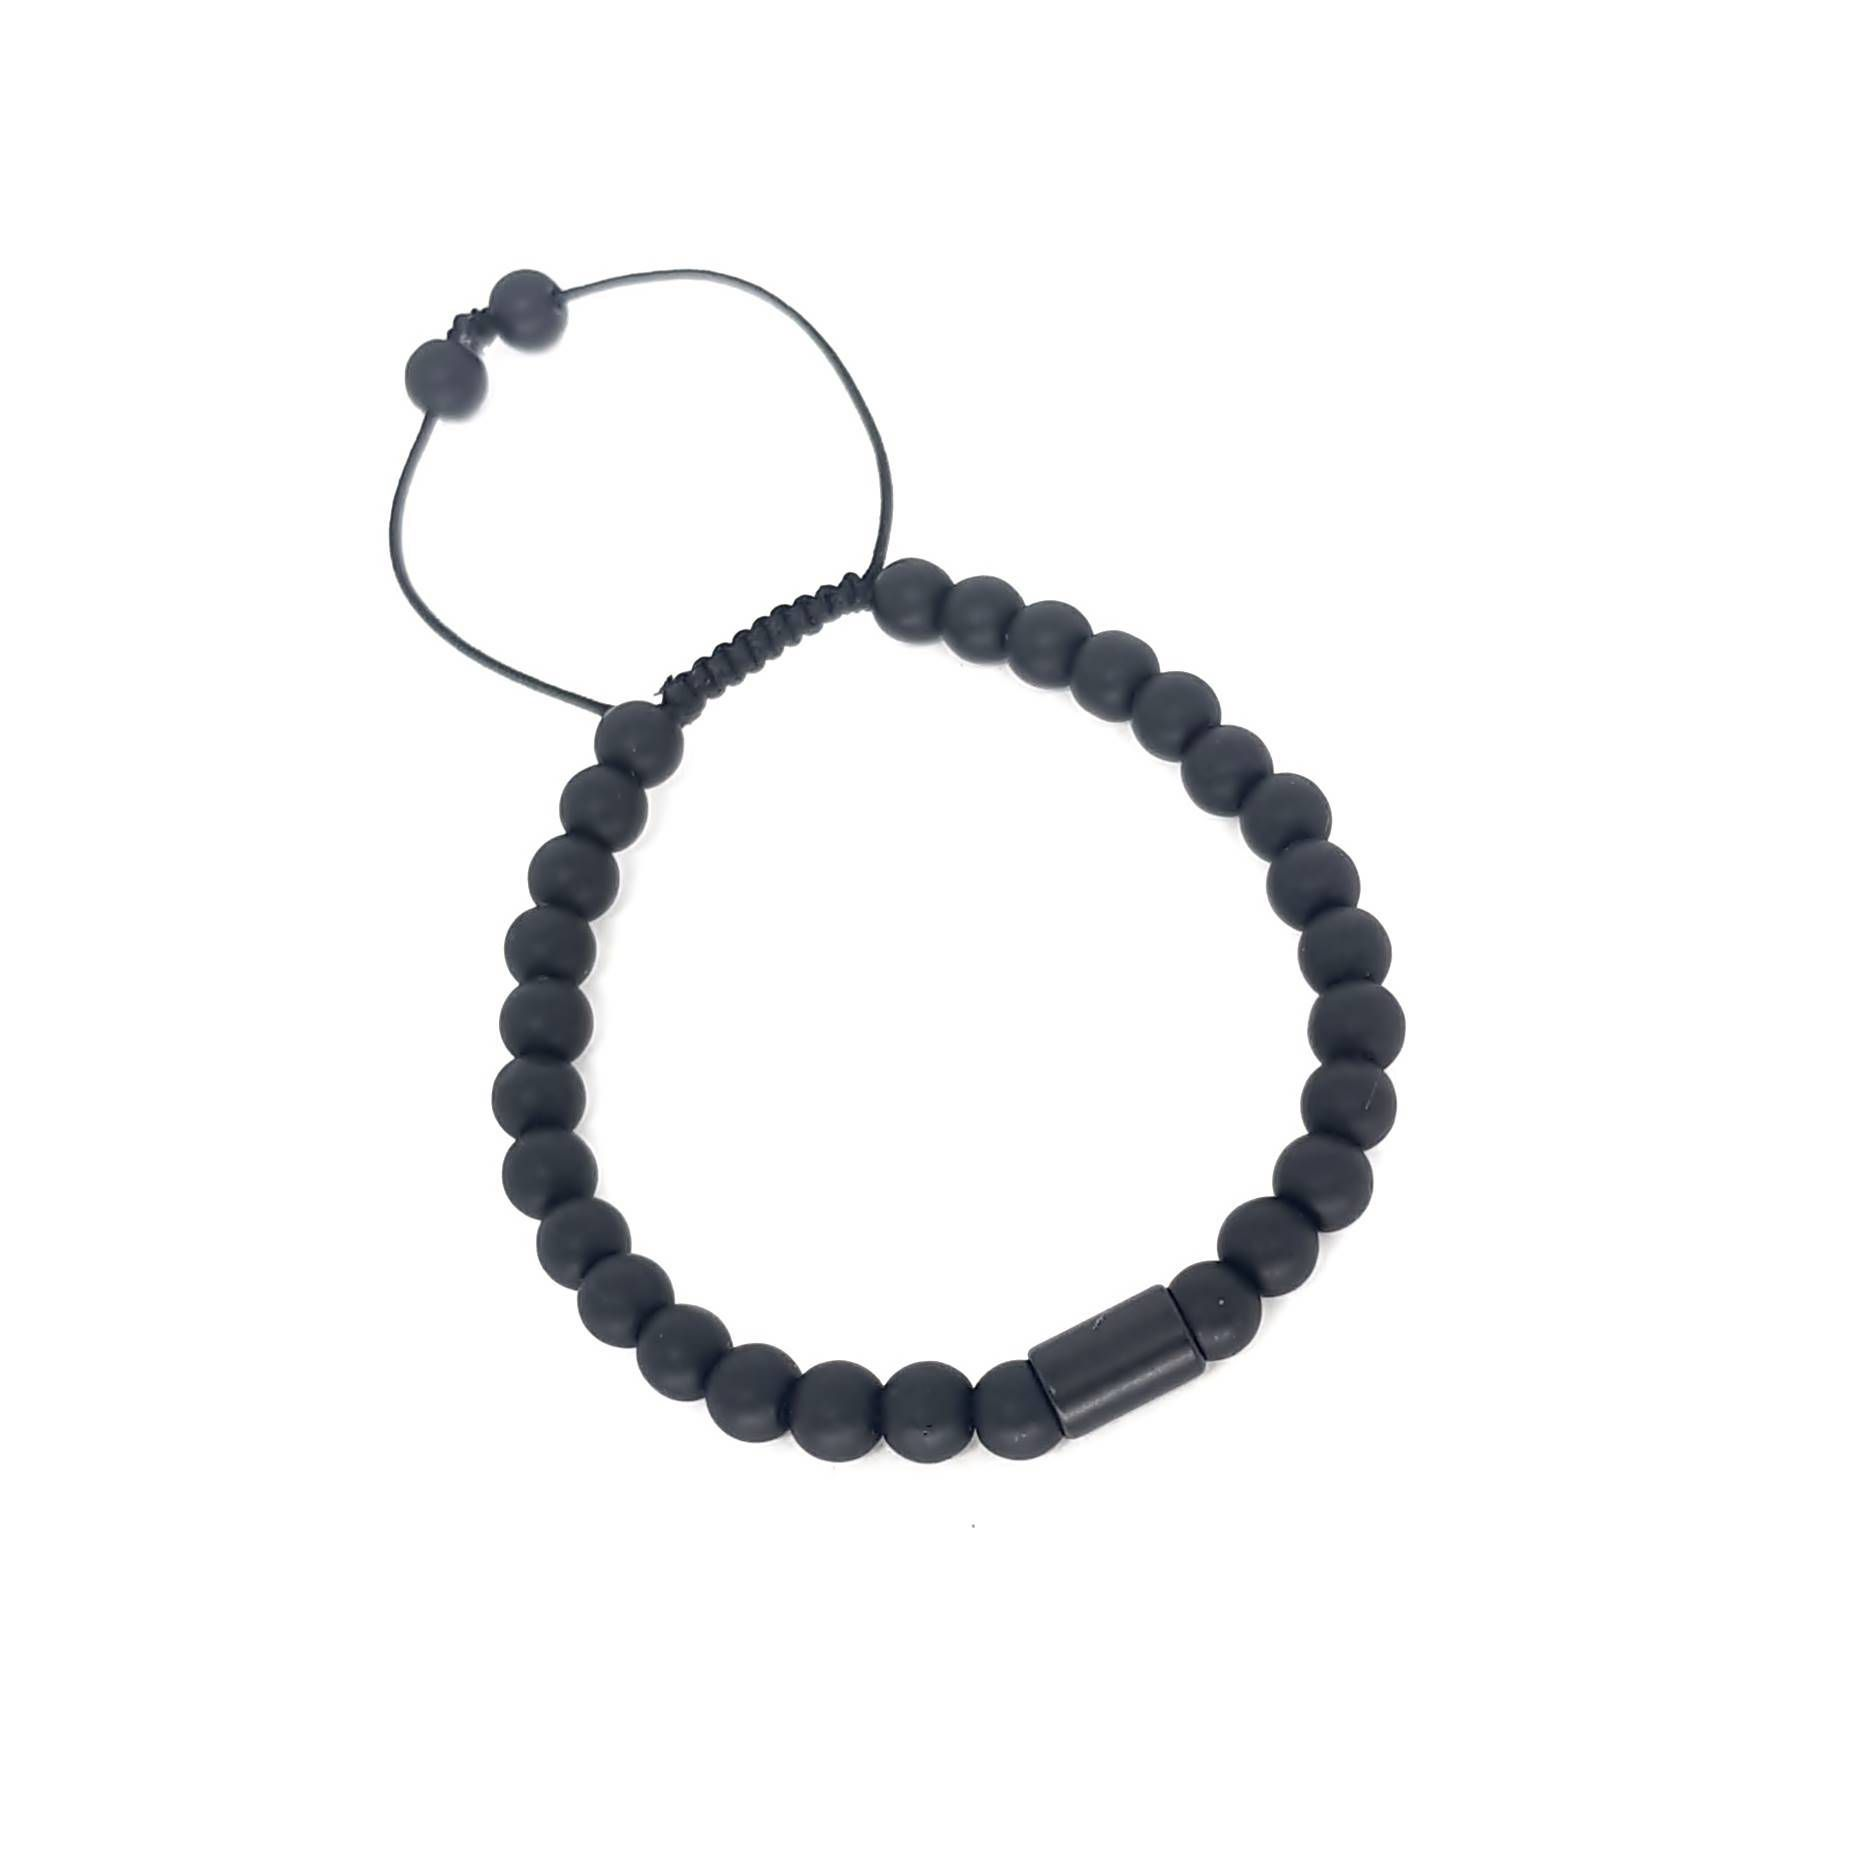 Pulseira de Pedra Ajustável Black Series Matte